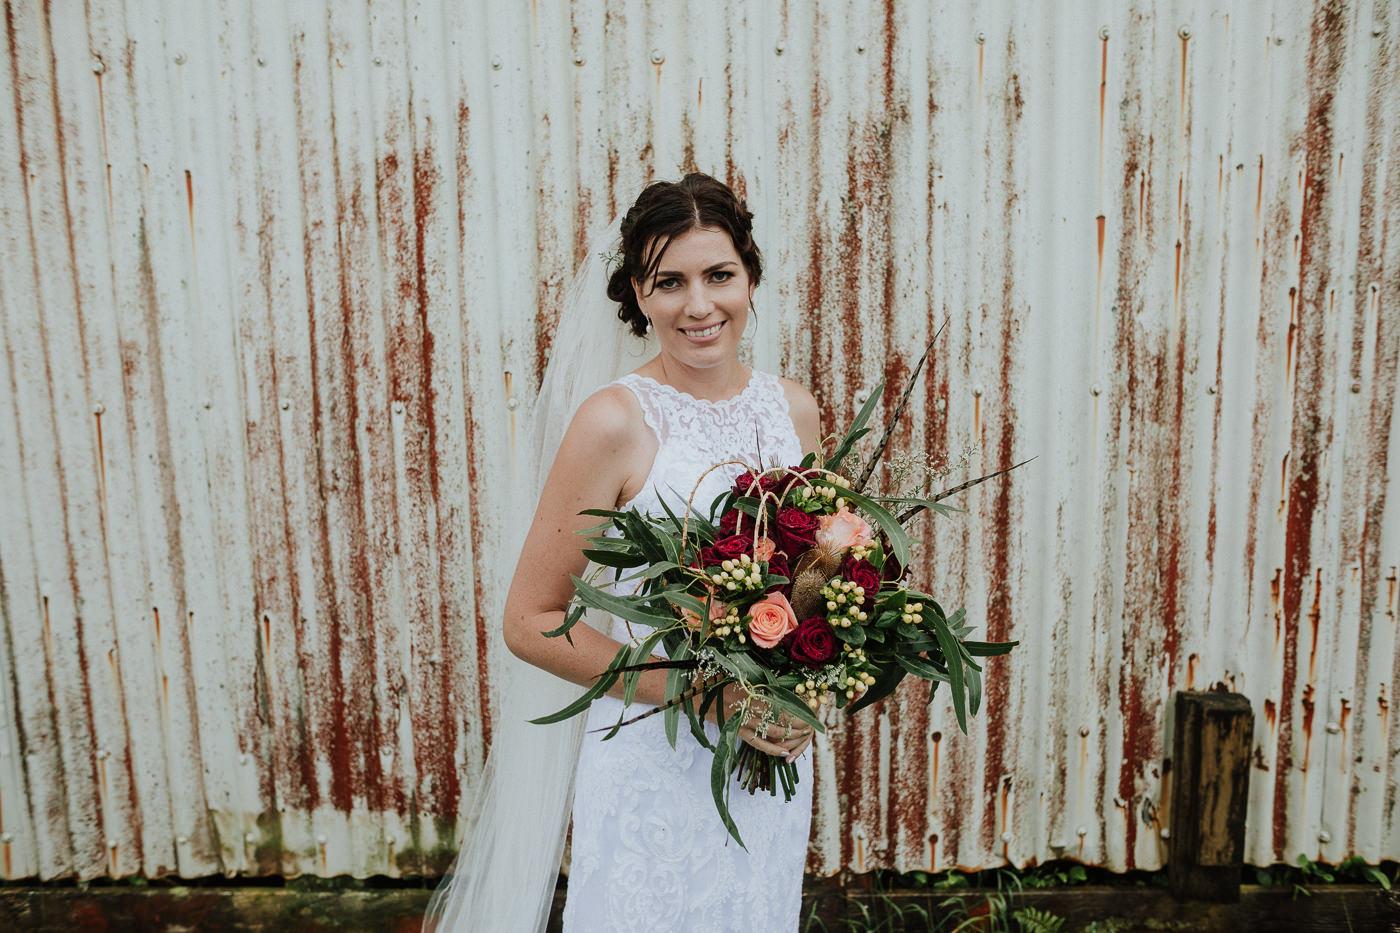 nz_wedding_photographer_gisborne-1111.jpg